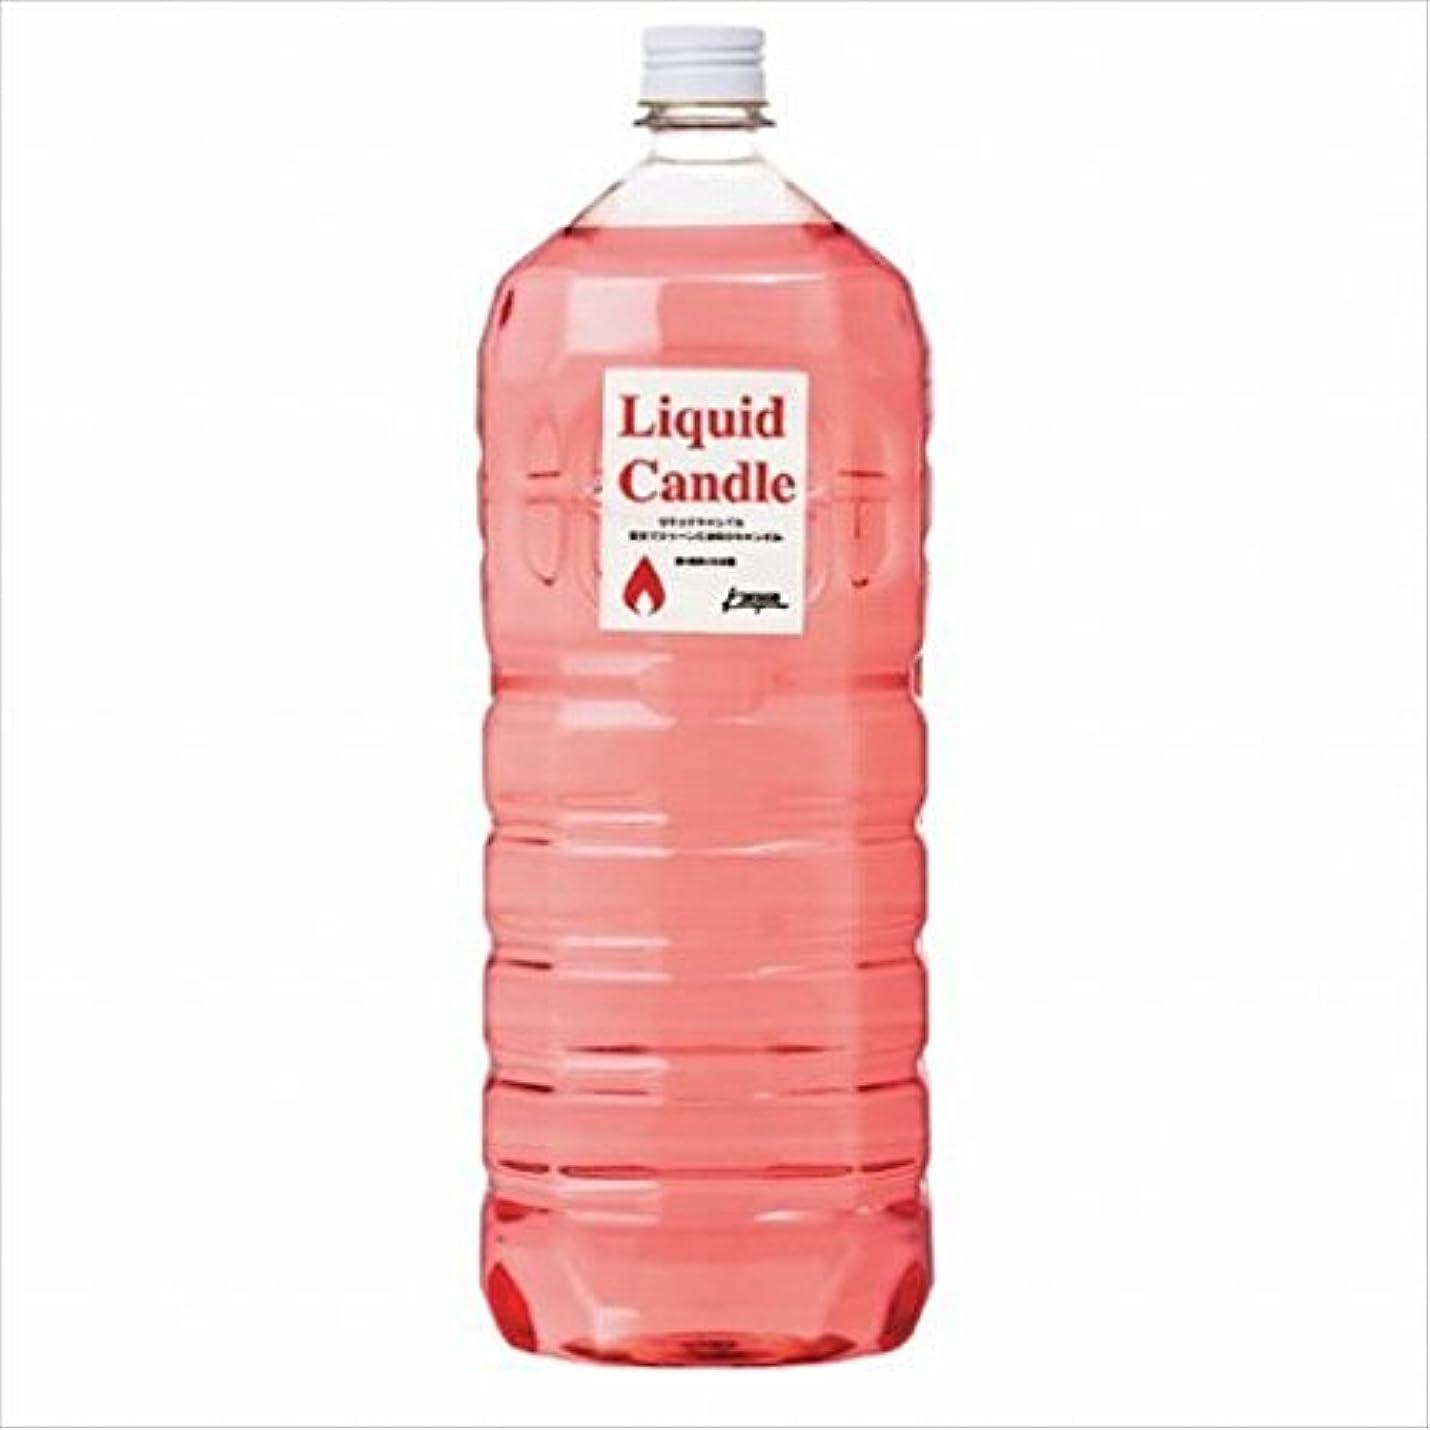 分配します従順子供時代カメヤマキャンドル(kameyama candle) リキッドキャンドル2リットル 「 ピンク 」